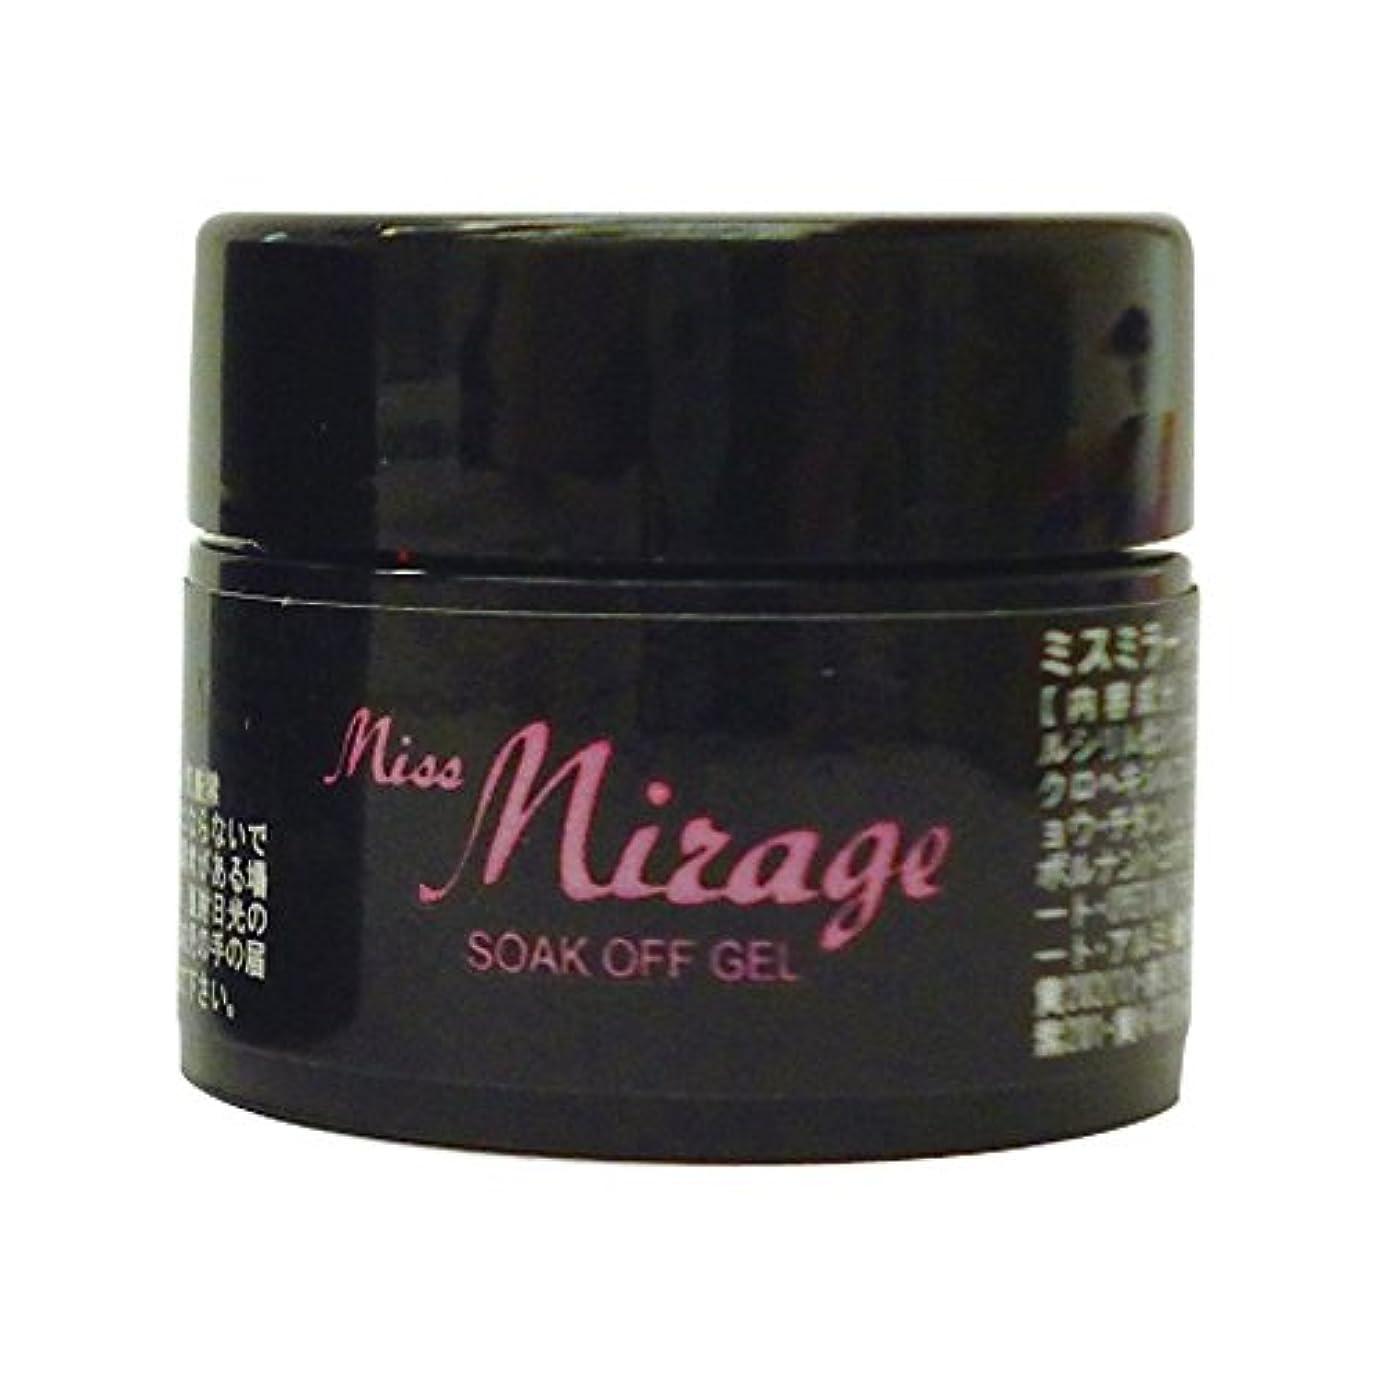 レトルト余裕がある予約Miss Mirage(ミスミラージュ) Miss Mirage カラージェル R45Sパールオーロラコーラルピンク 2.5g UV/LED対応 ジェルネイル